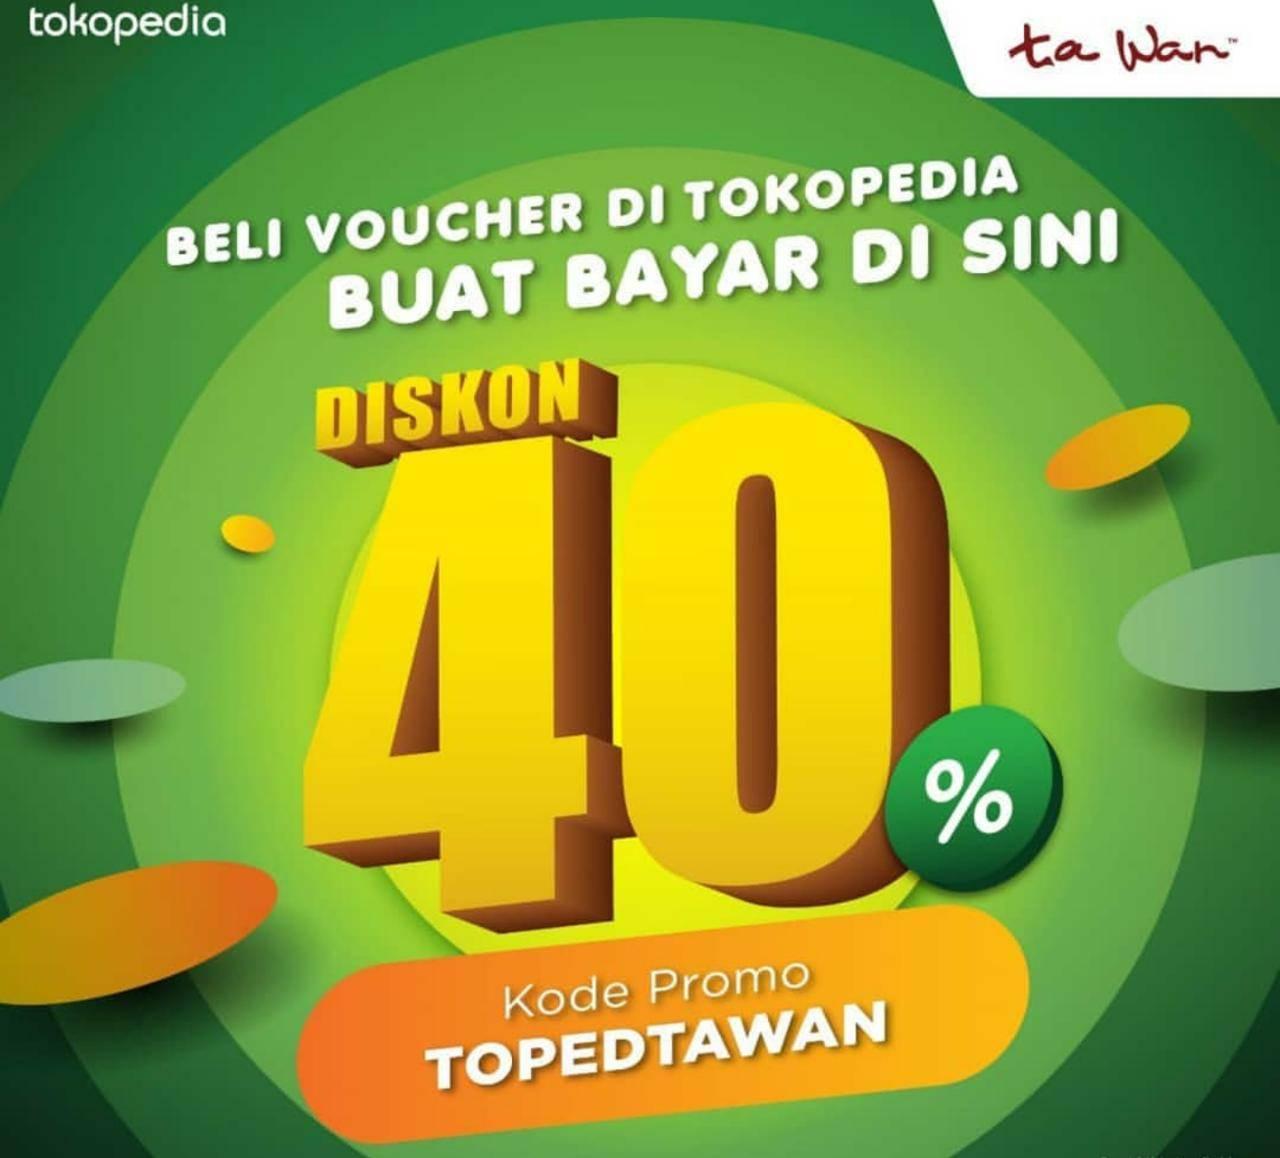 Ta Wan Promo Beli Voucher Diskon 40% Di Tokopedia